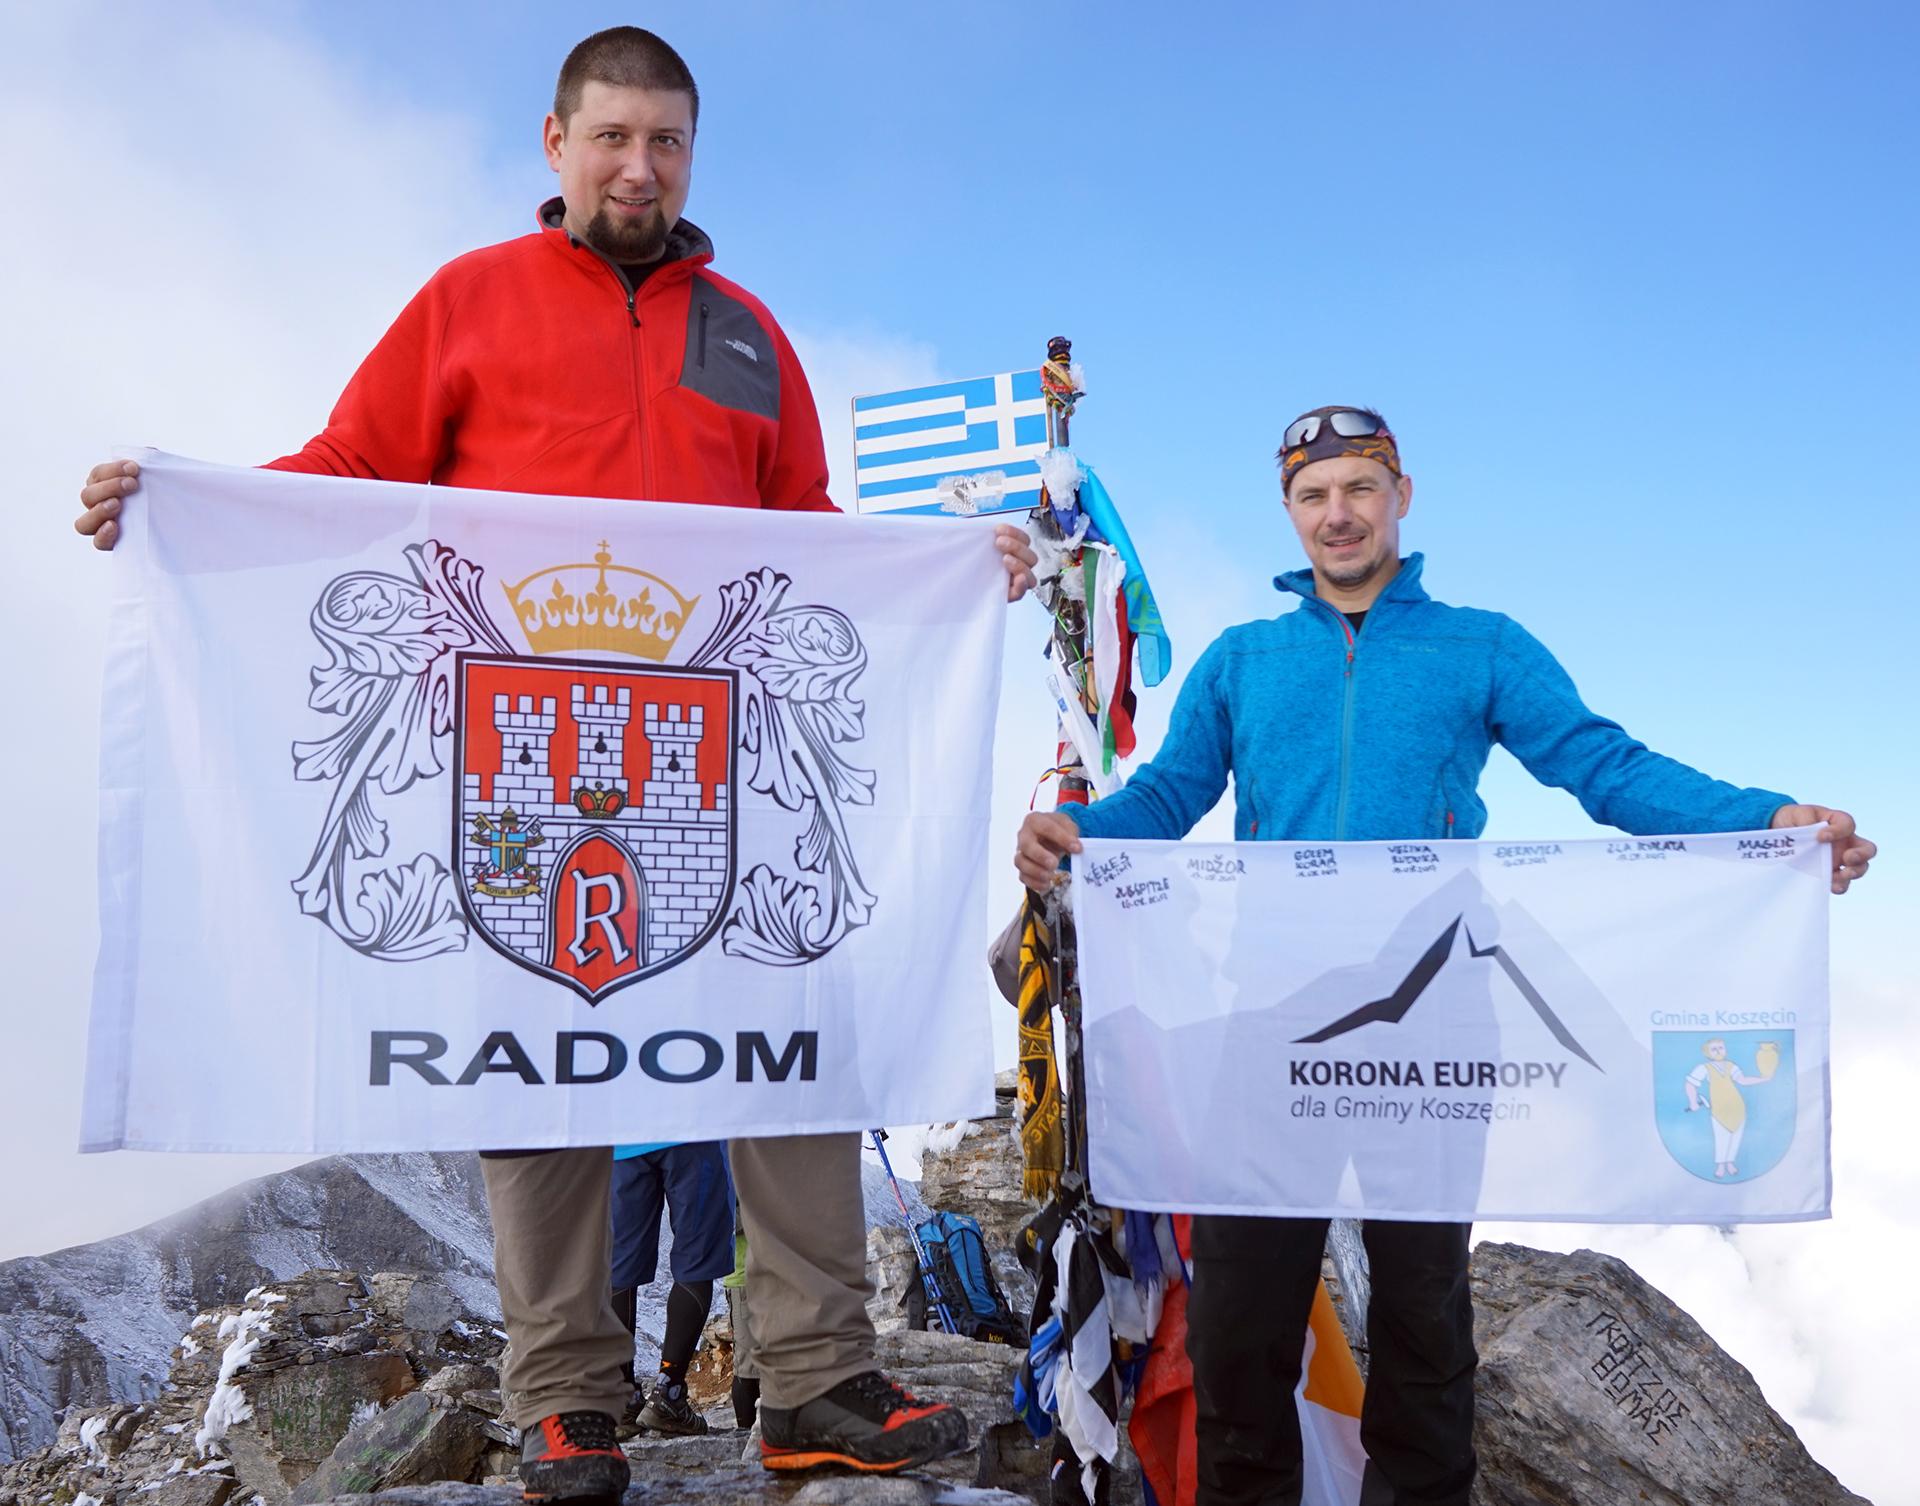 Korona Europy dla Gminy Koszęcin oraz Korona Europy dla miasta Radomia